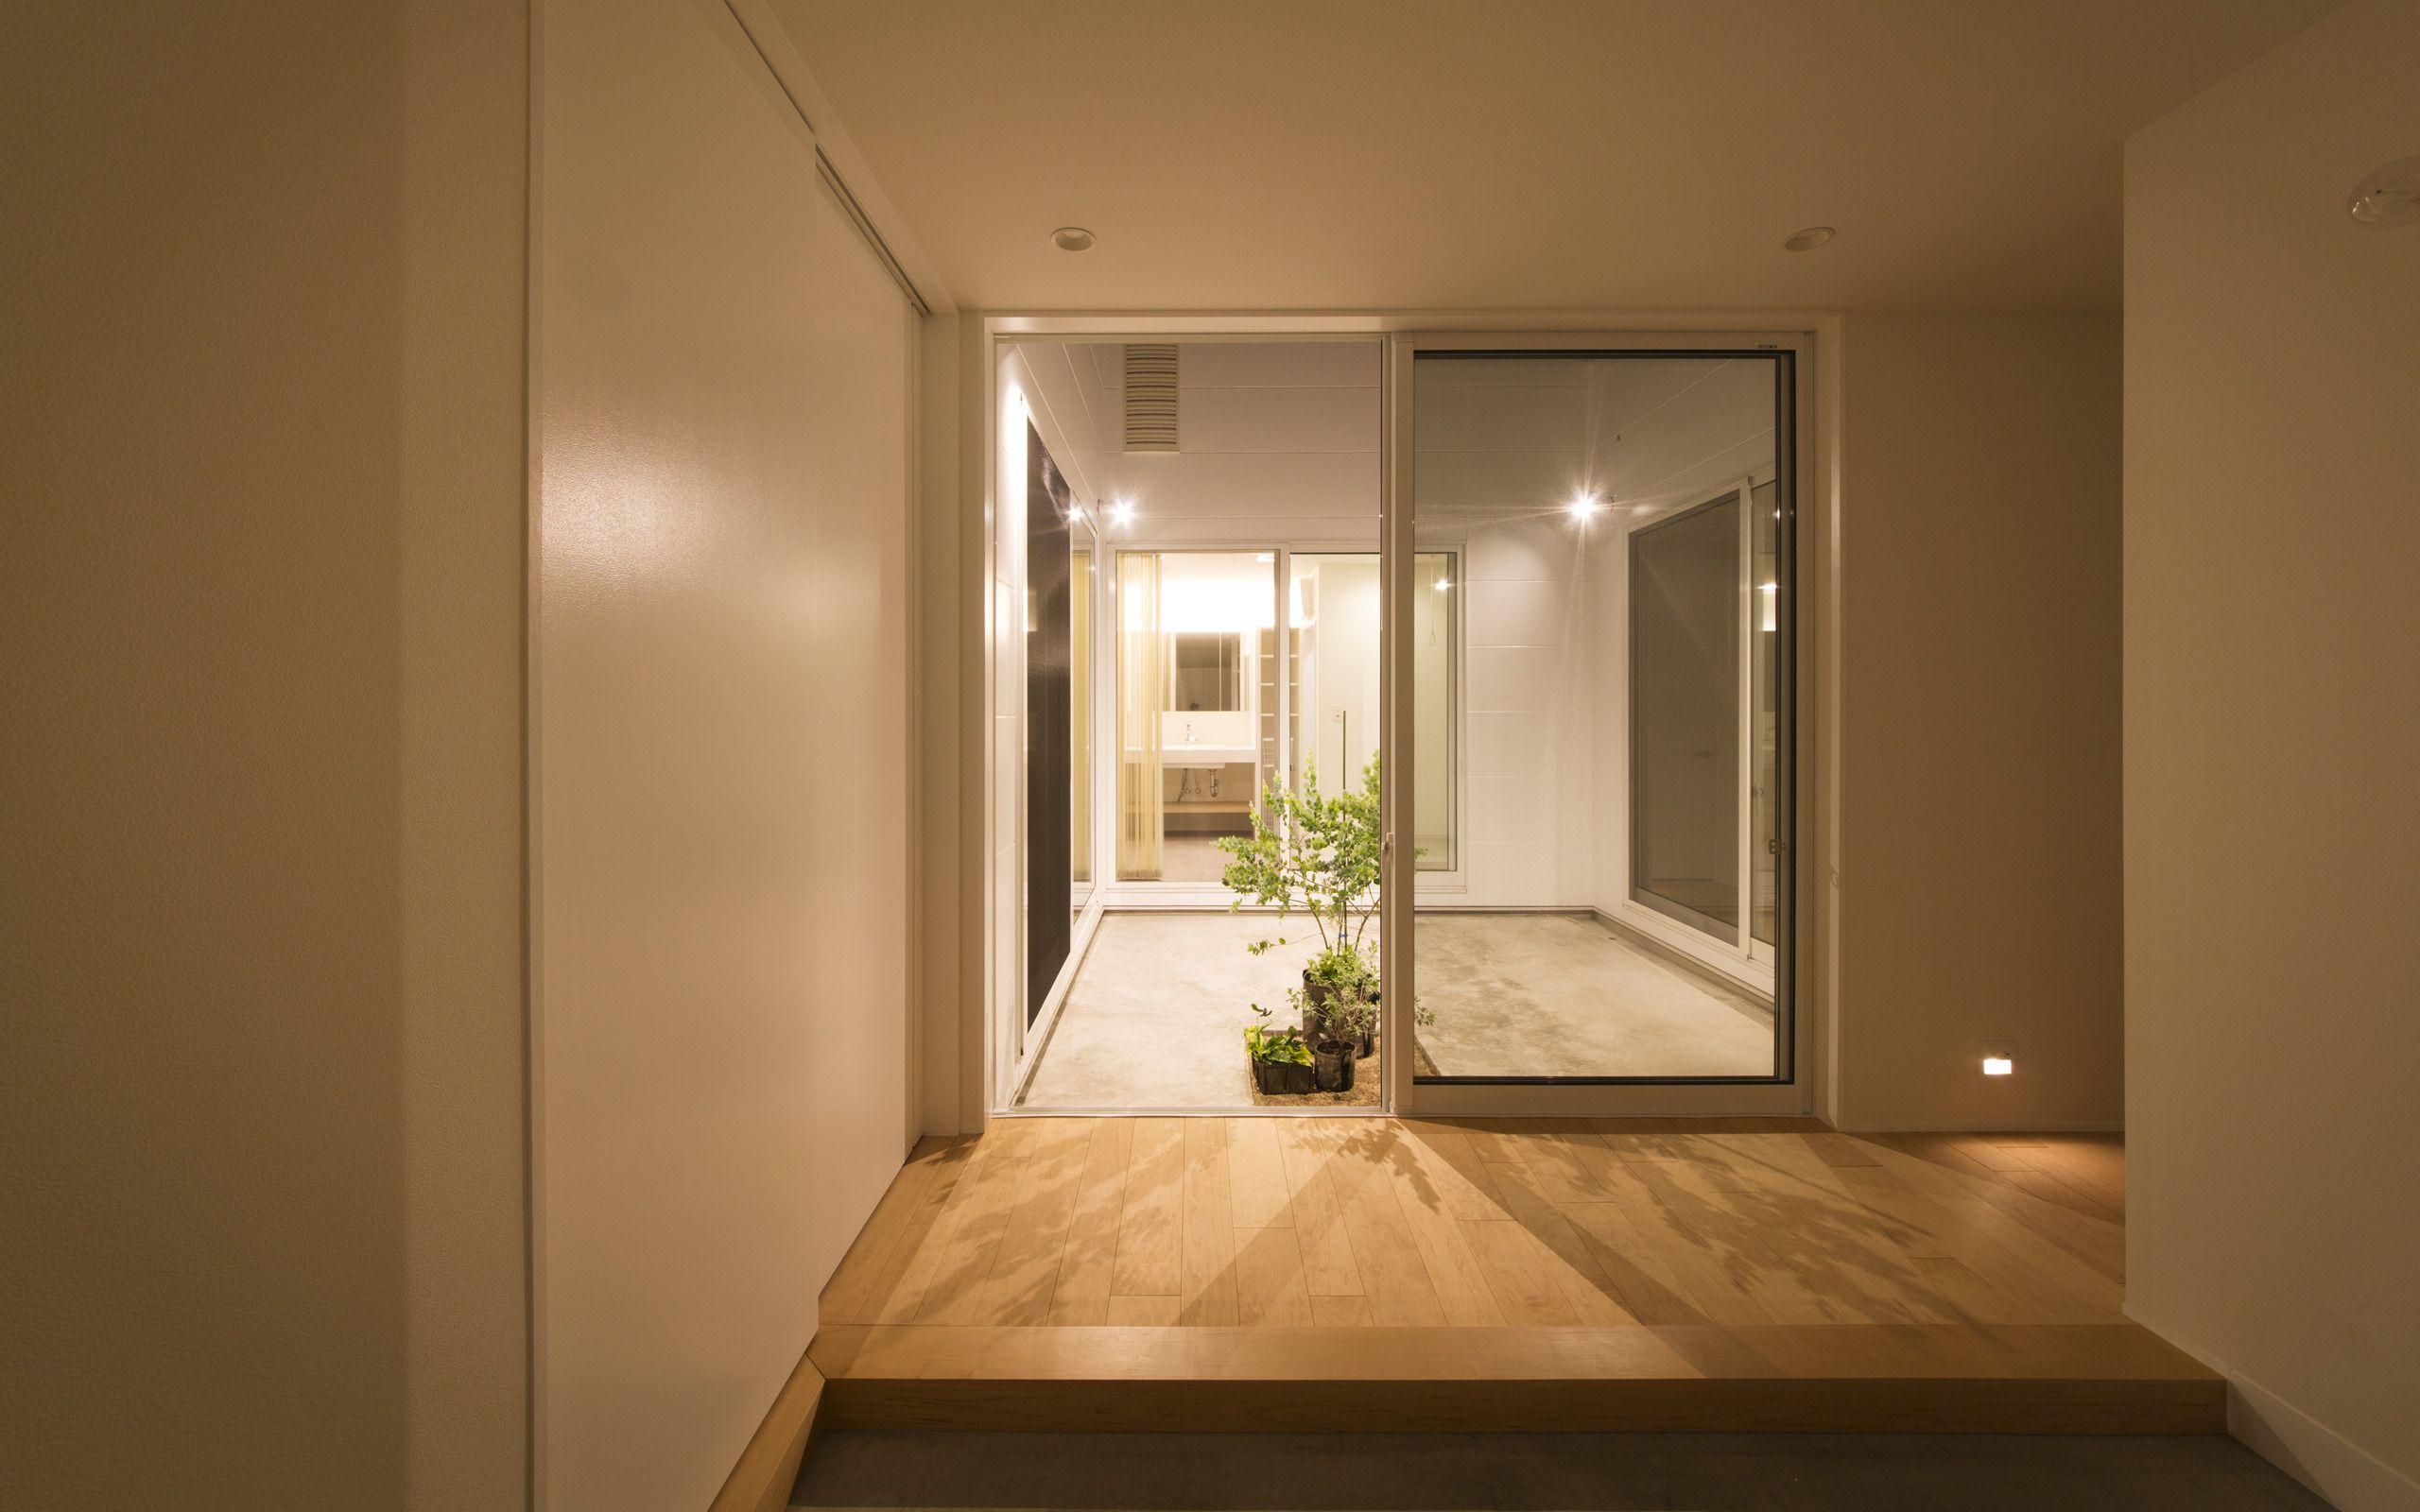 スカンジナビアンコートハウスの中庭・インナーテラス3